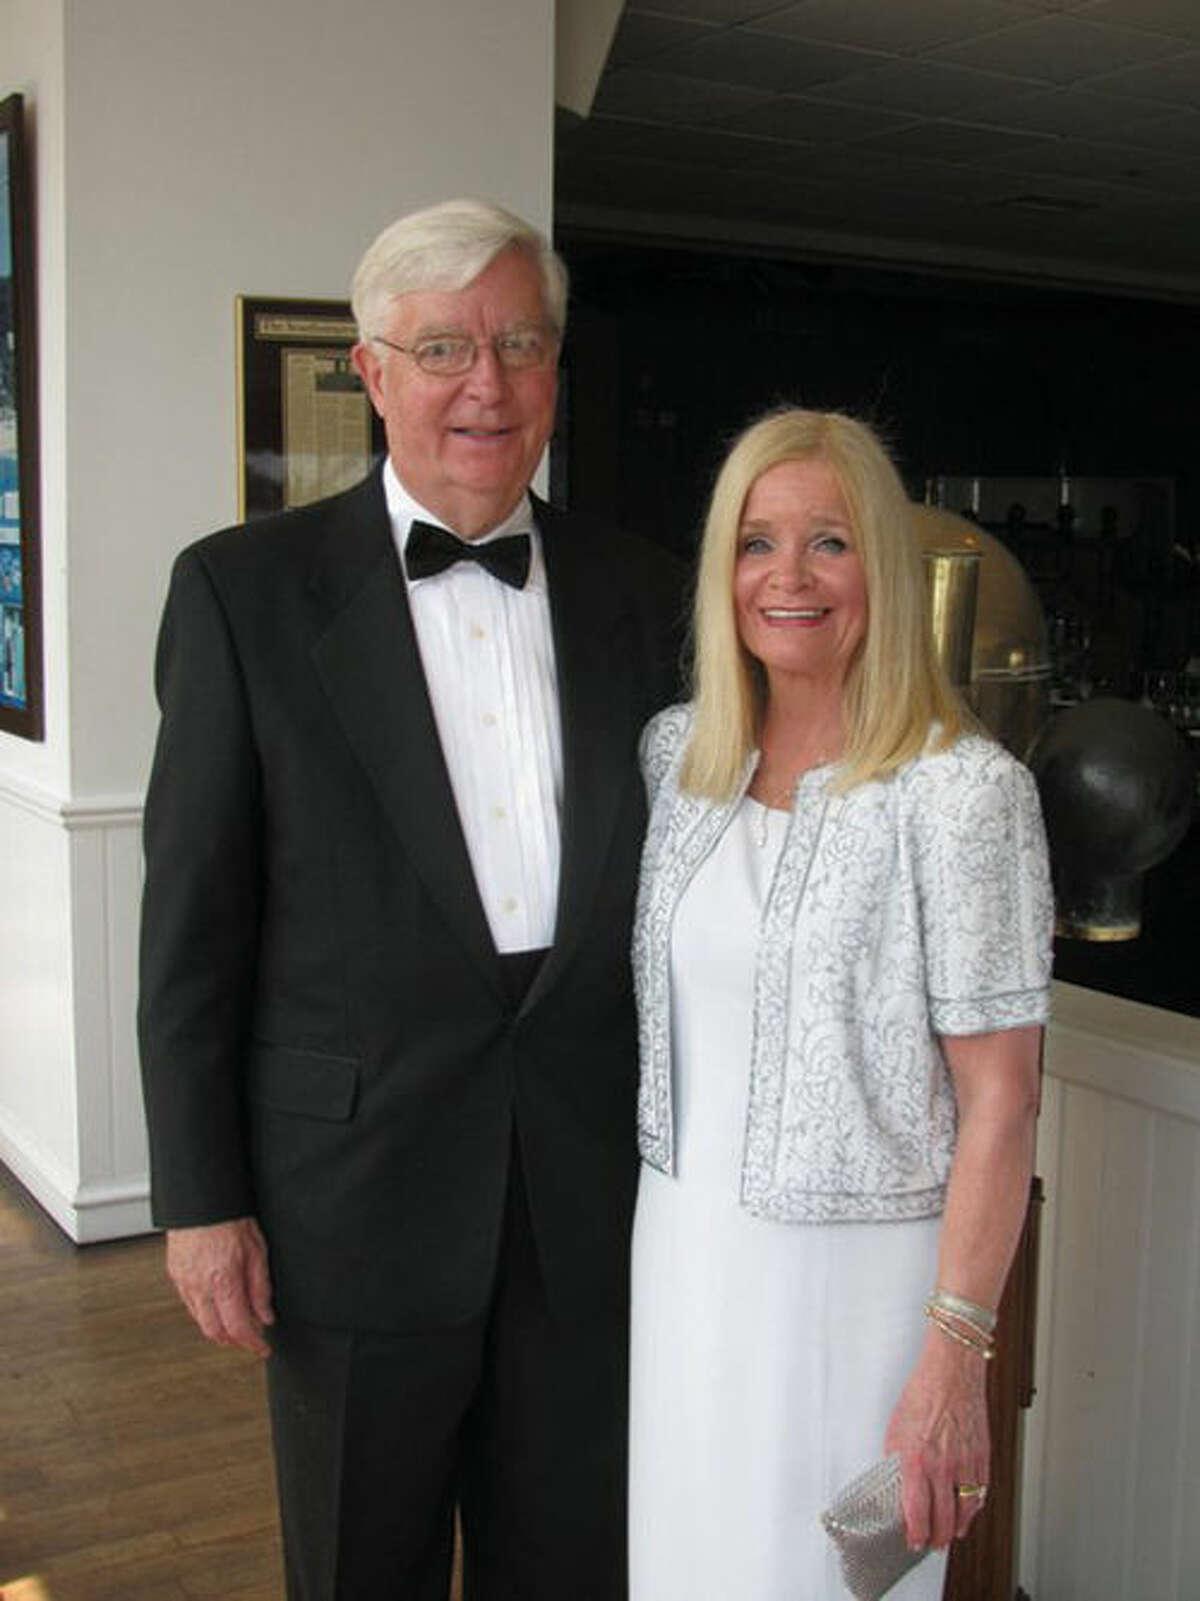 Karen Condron with her husband, Jim.